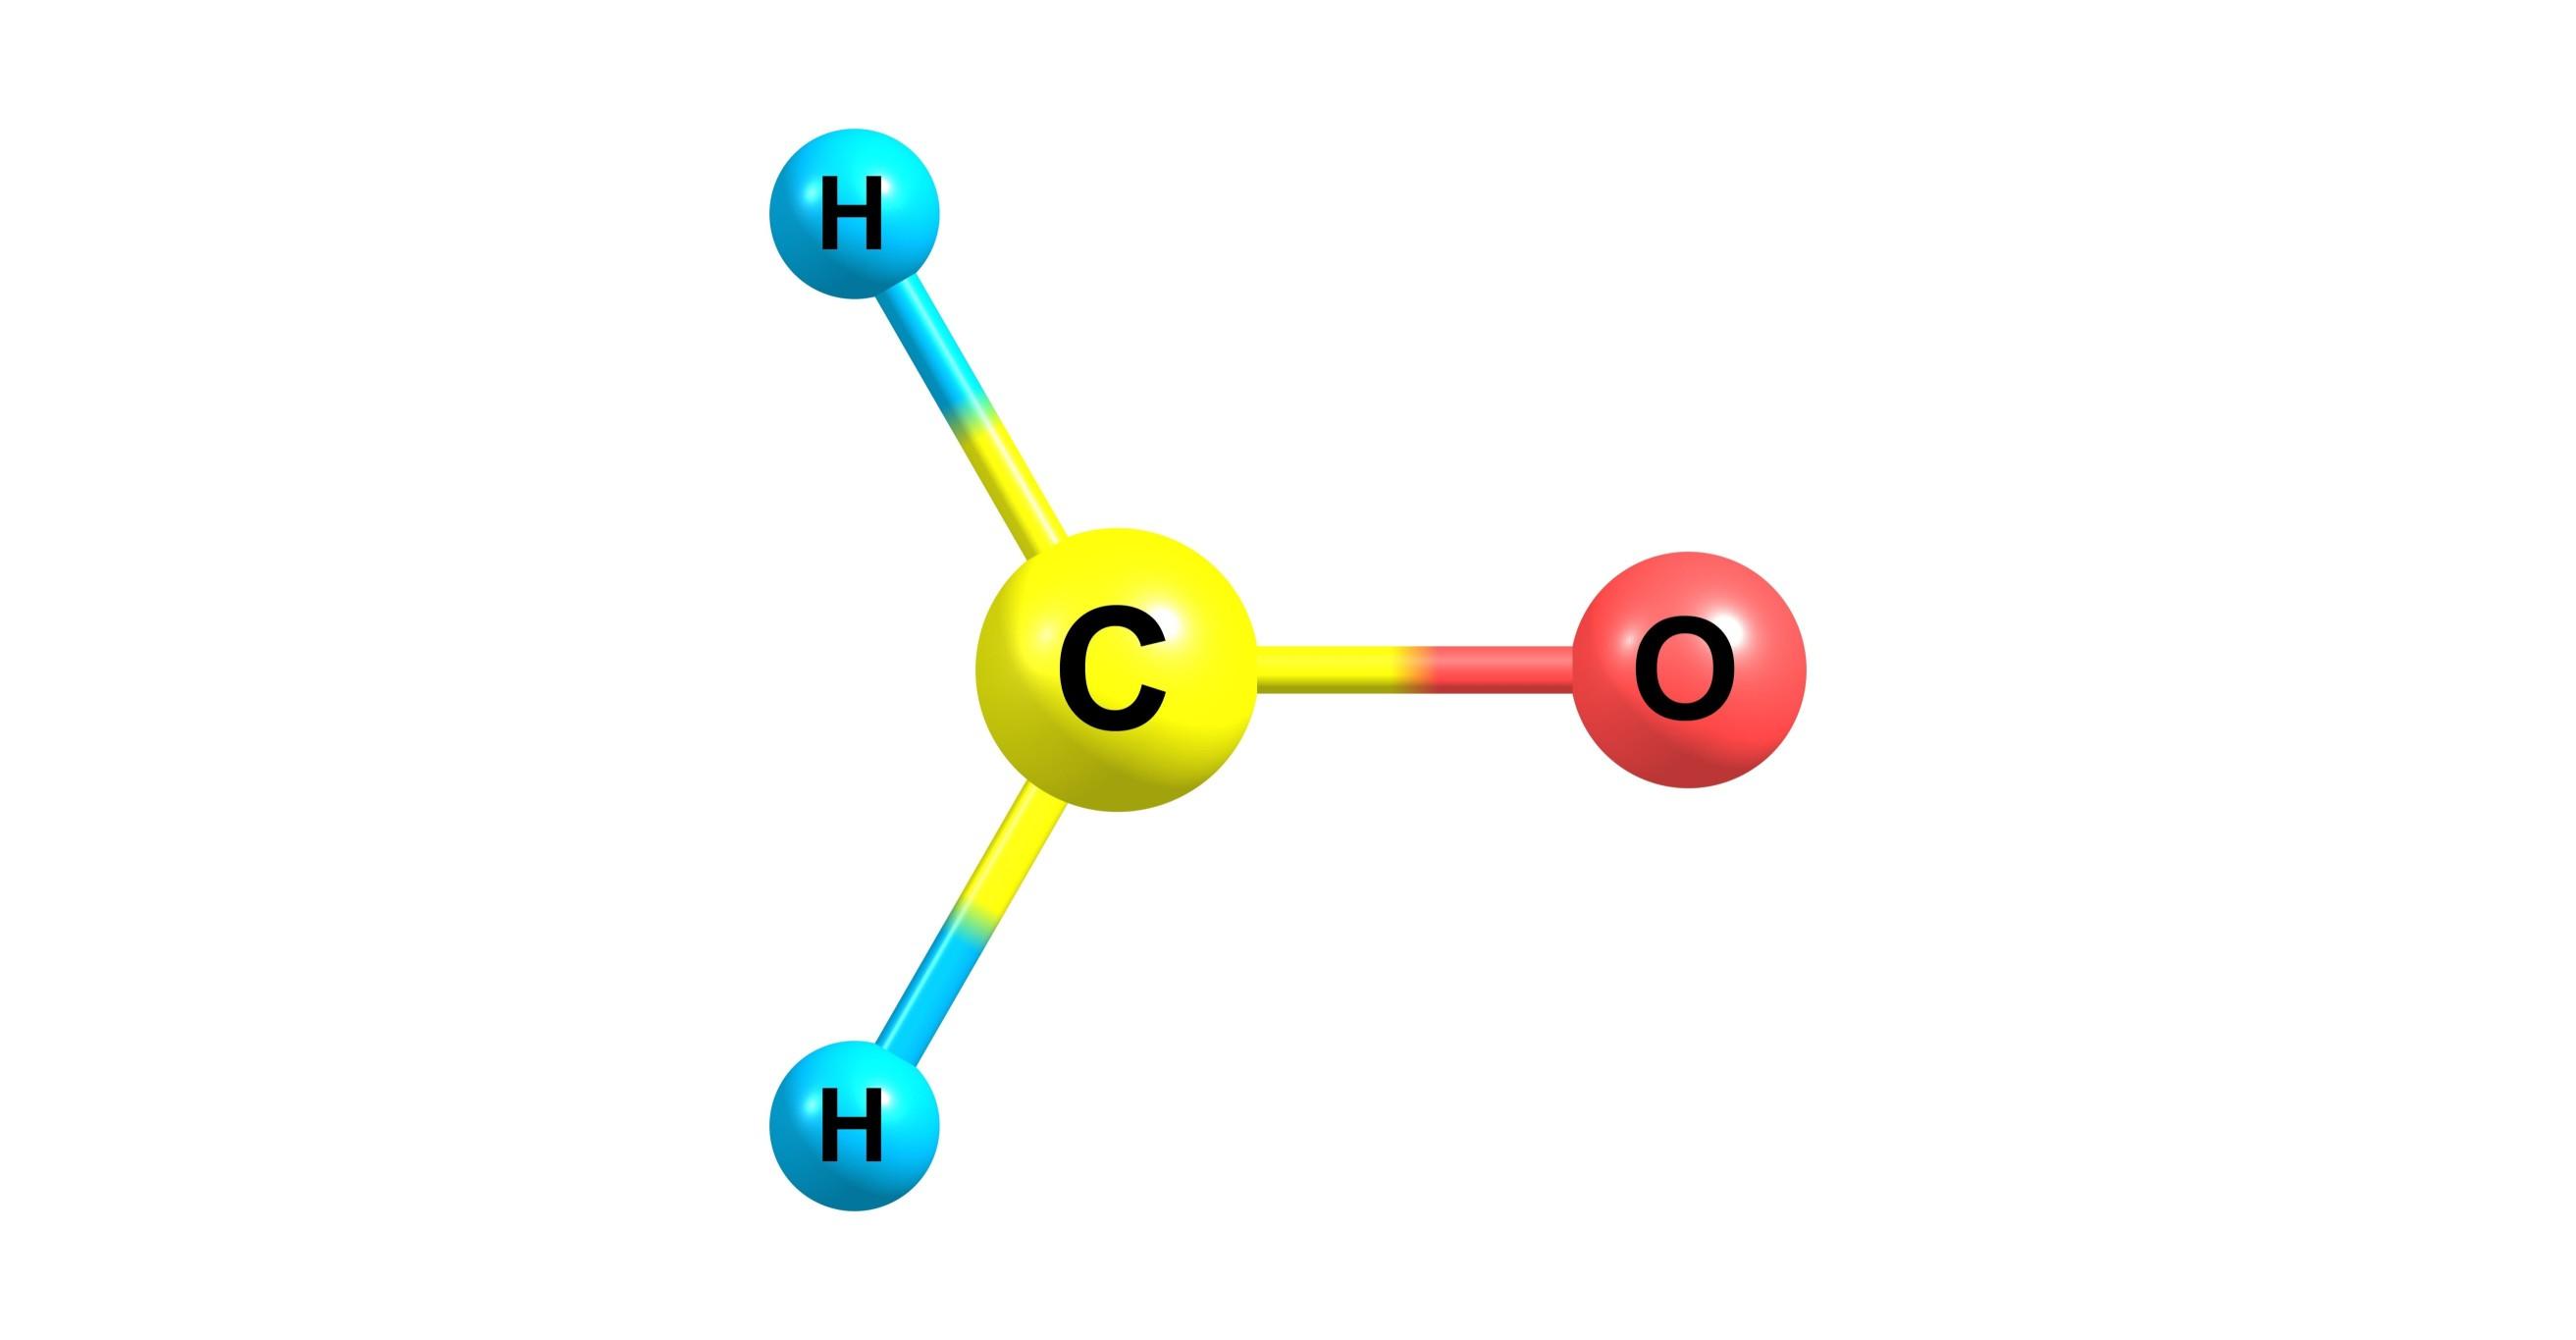 甲醛並不可怕,因為只要甲醛含量不超標是不會危害人體健康的,我們總是很恐懼甲醛,其實甲醛在生活中無處不在。